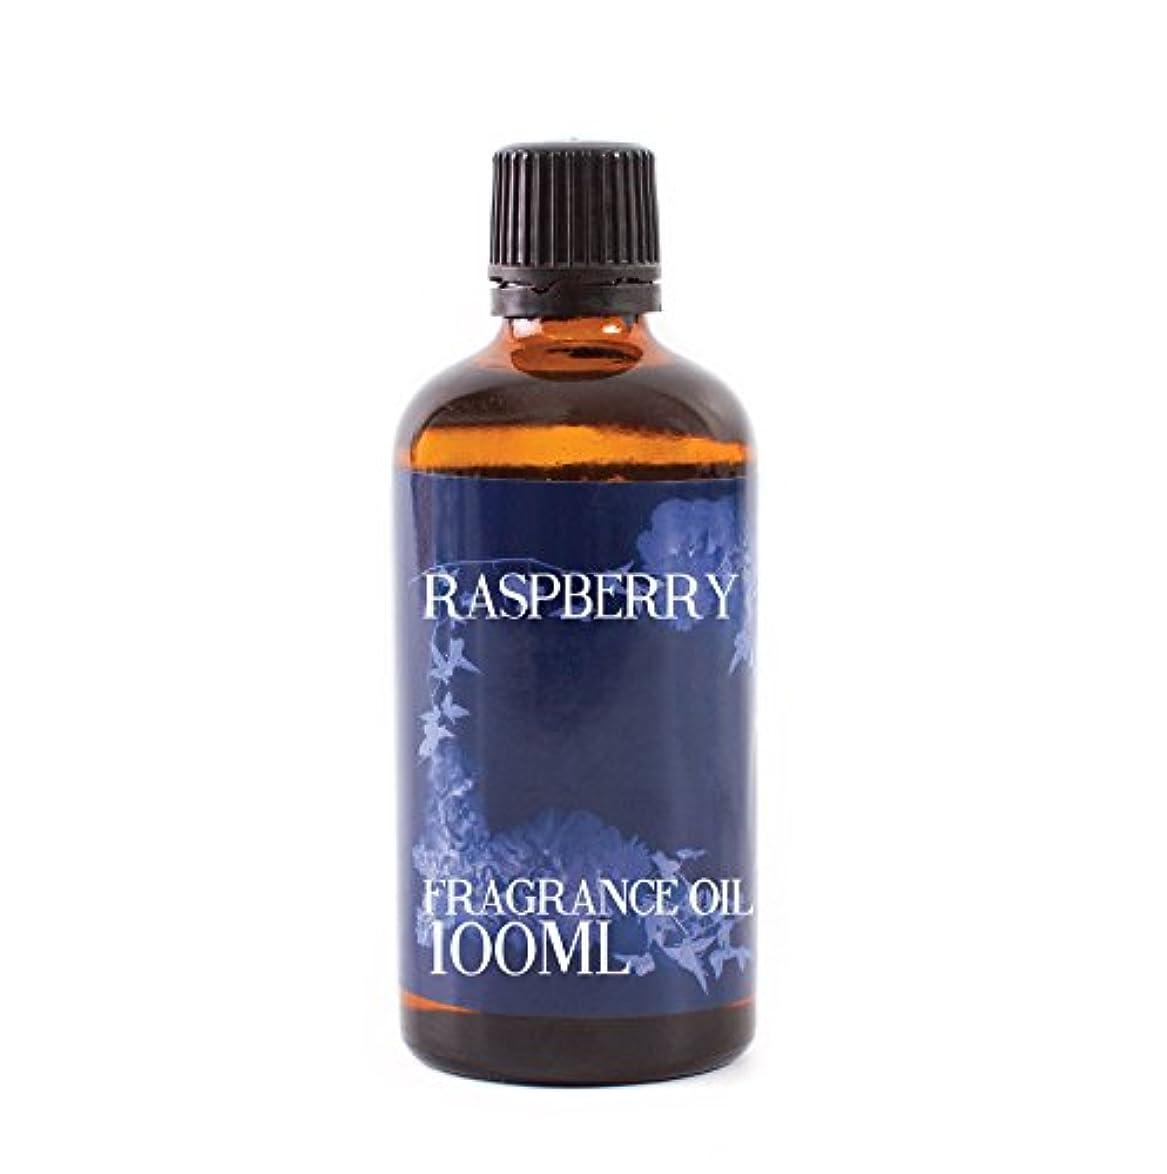 Raspberry Fragrance Oil - 100ml